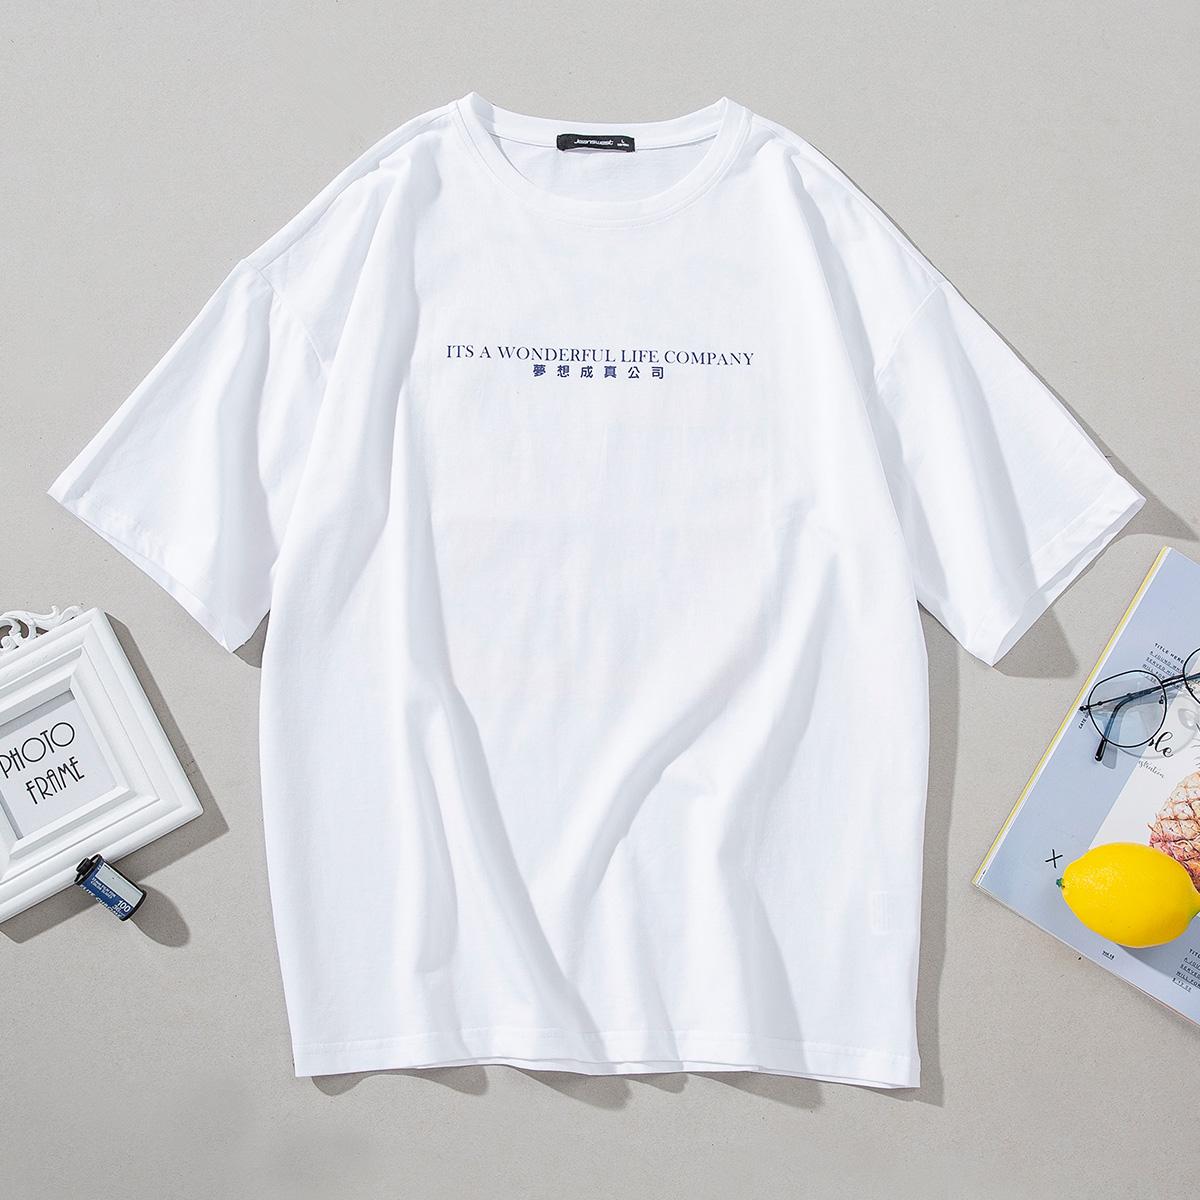 Jeanswest 真维斯 短袖T恤 黑/白 19.9元包邮(下单立减)